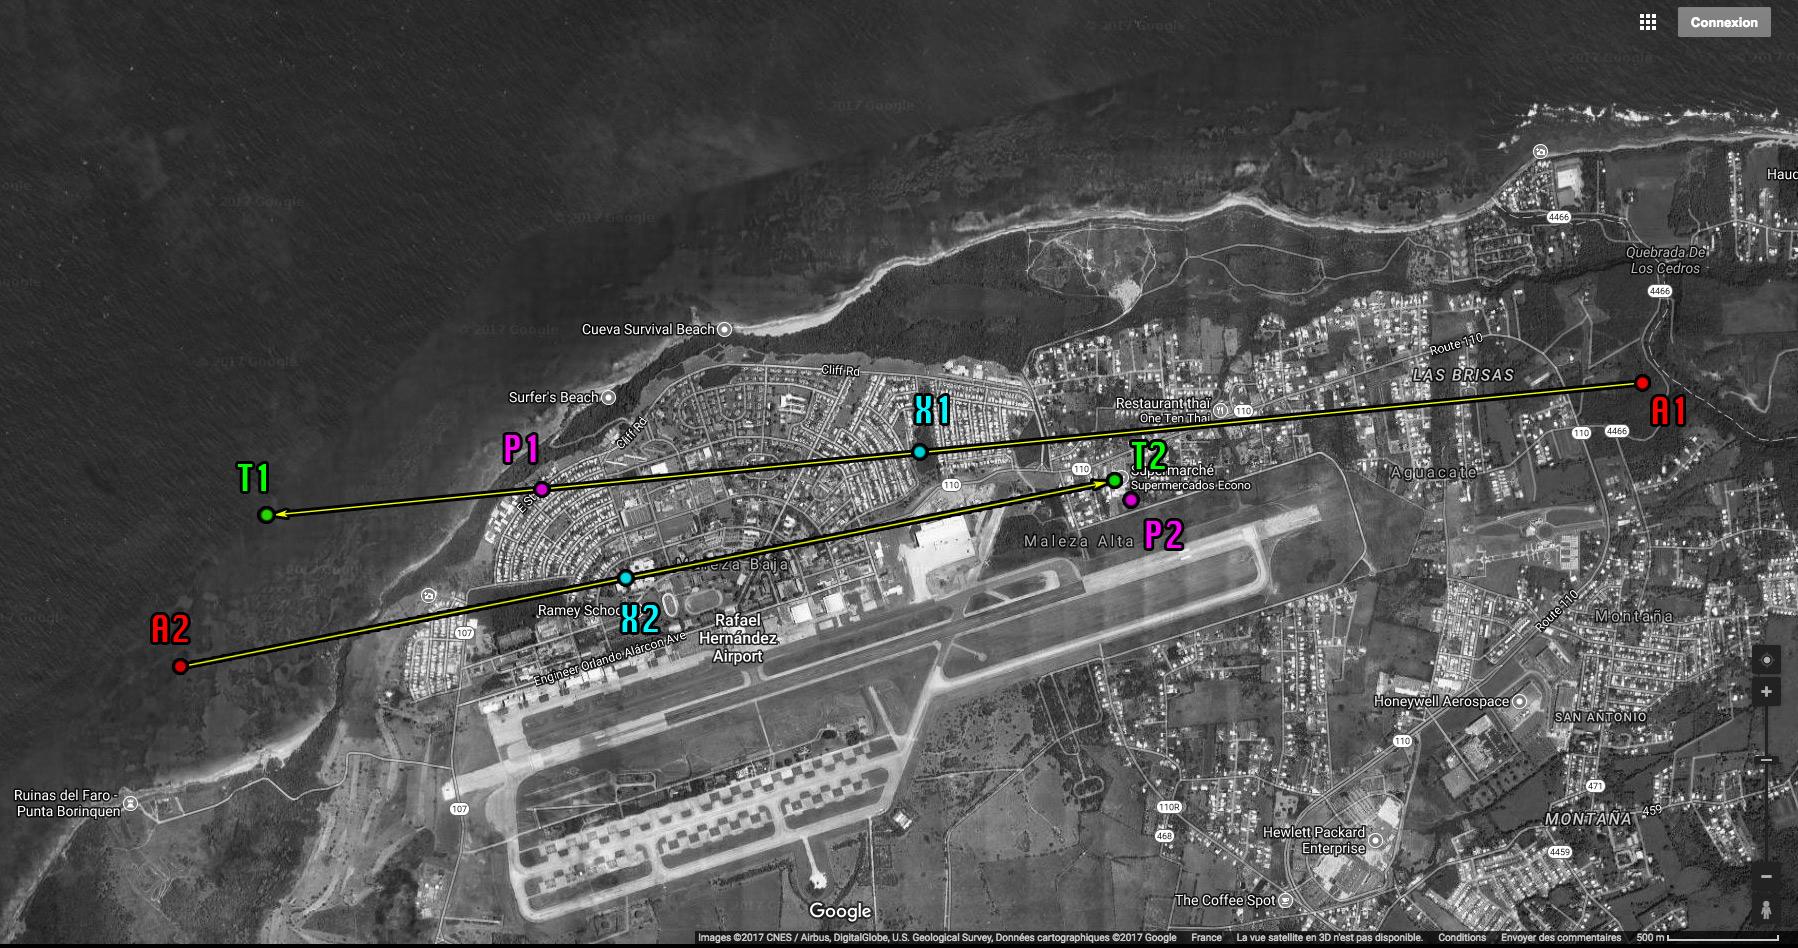 Aguadilla Puerto Rico UAP/USO - Page 7 229793trajpourrobert